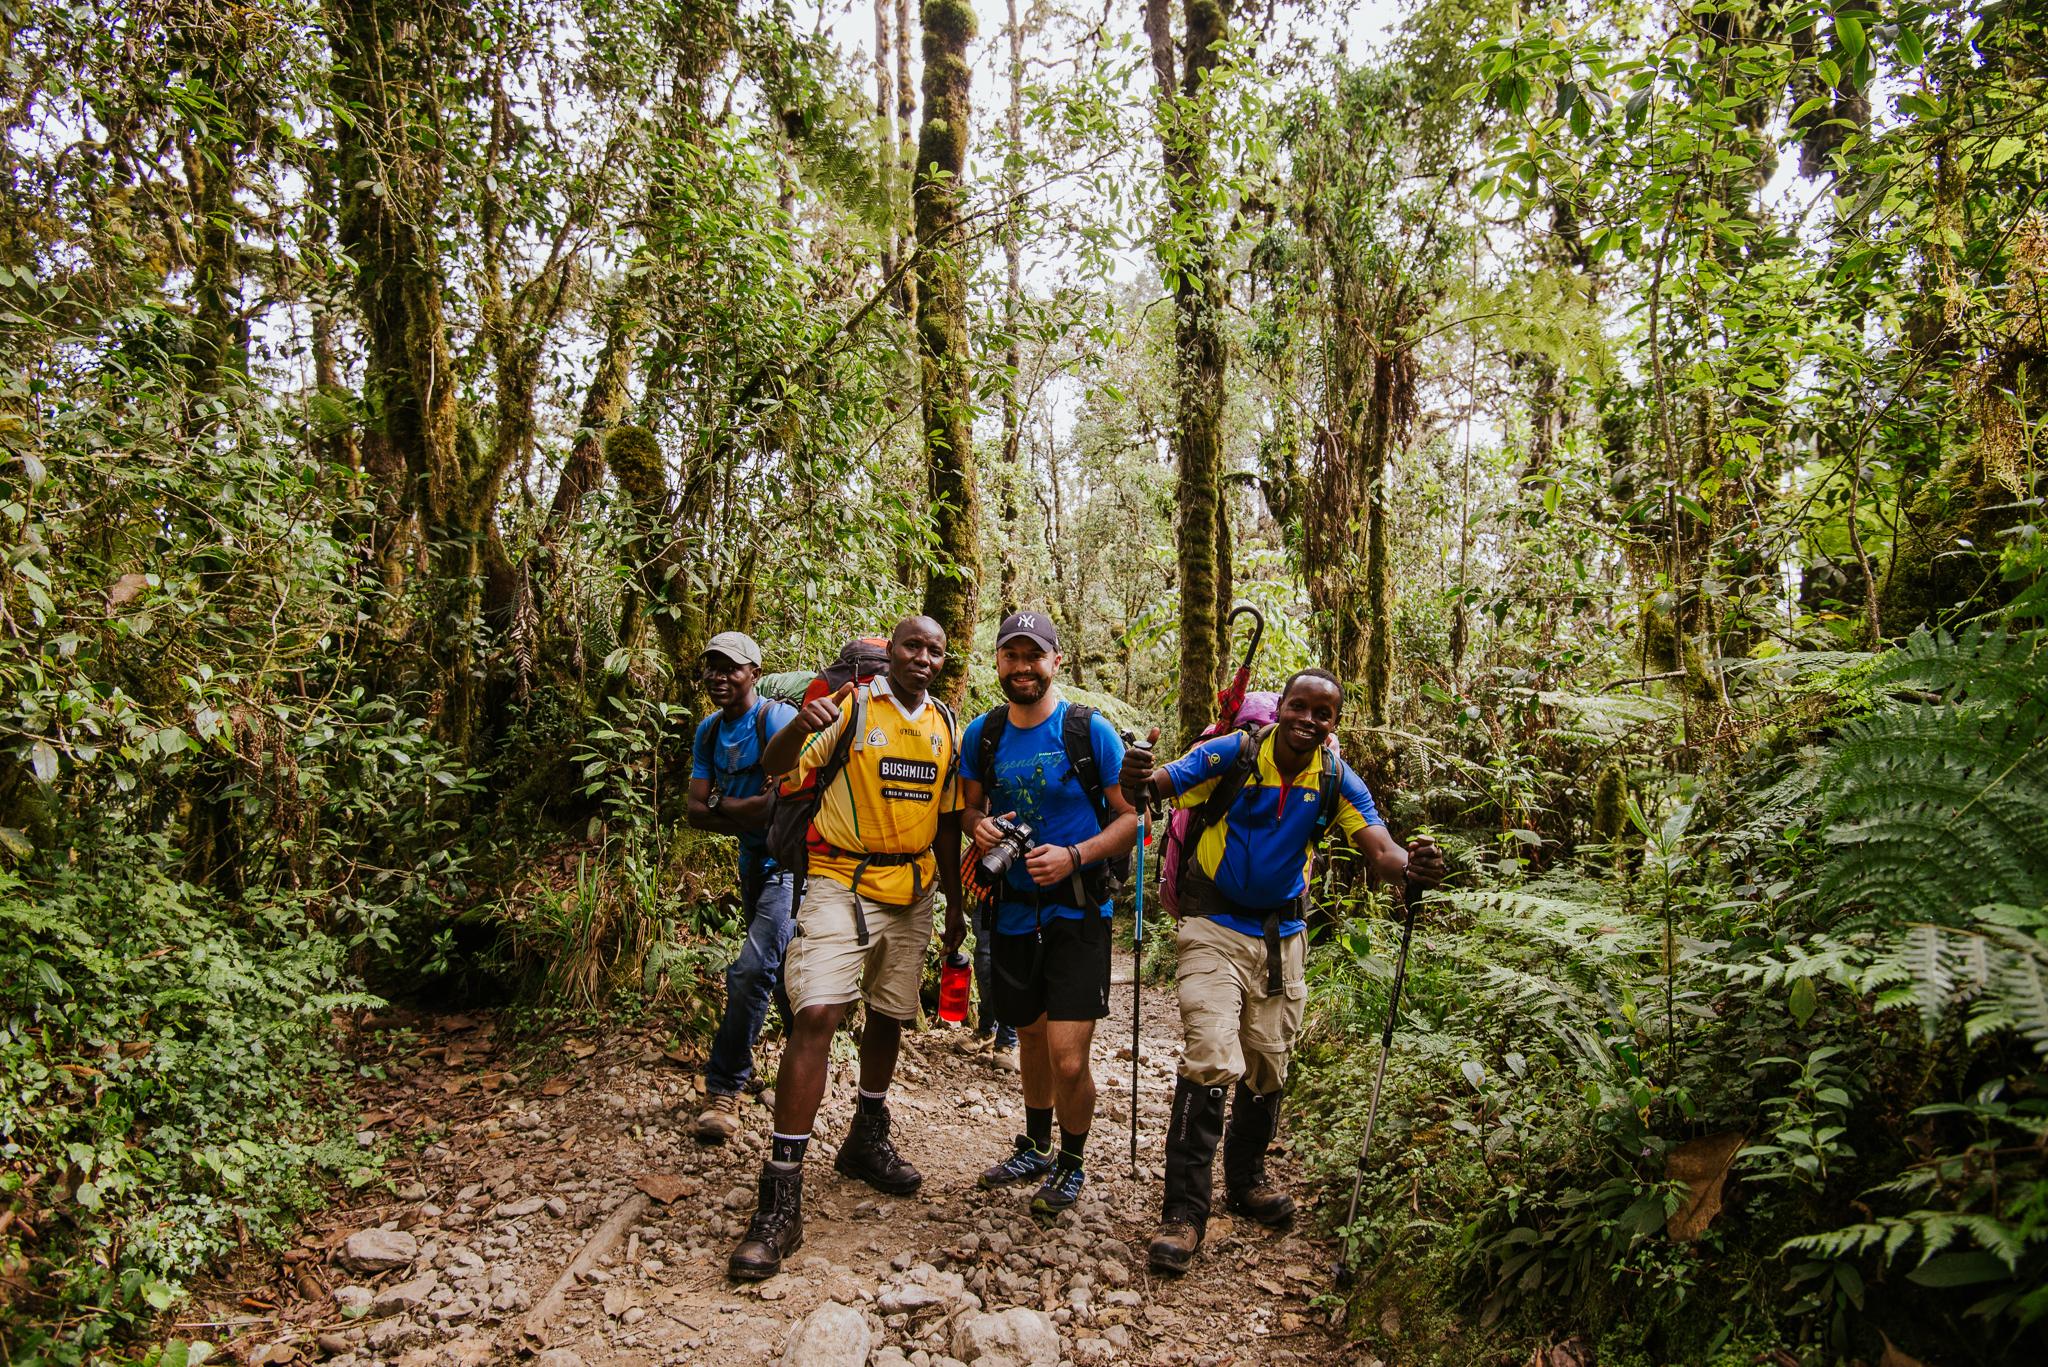 Felfele a Kilimandzsáró dzsungelében (Fotó: Mózes Tamás)